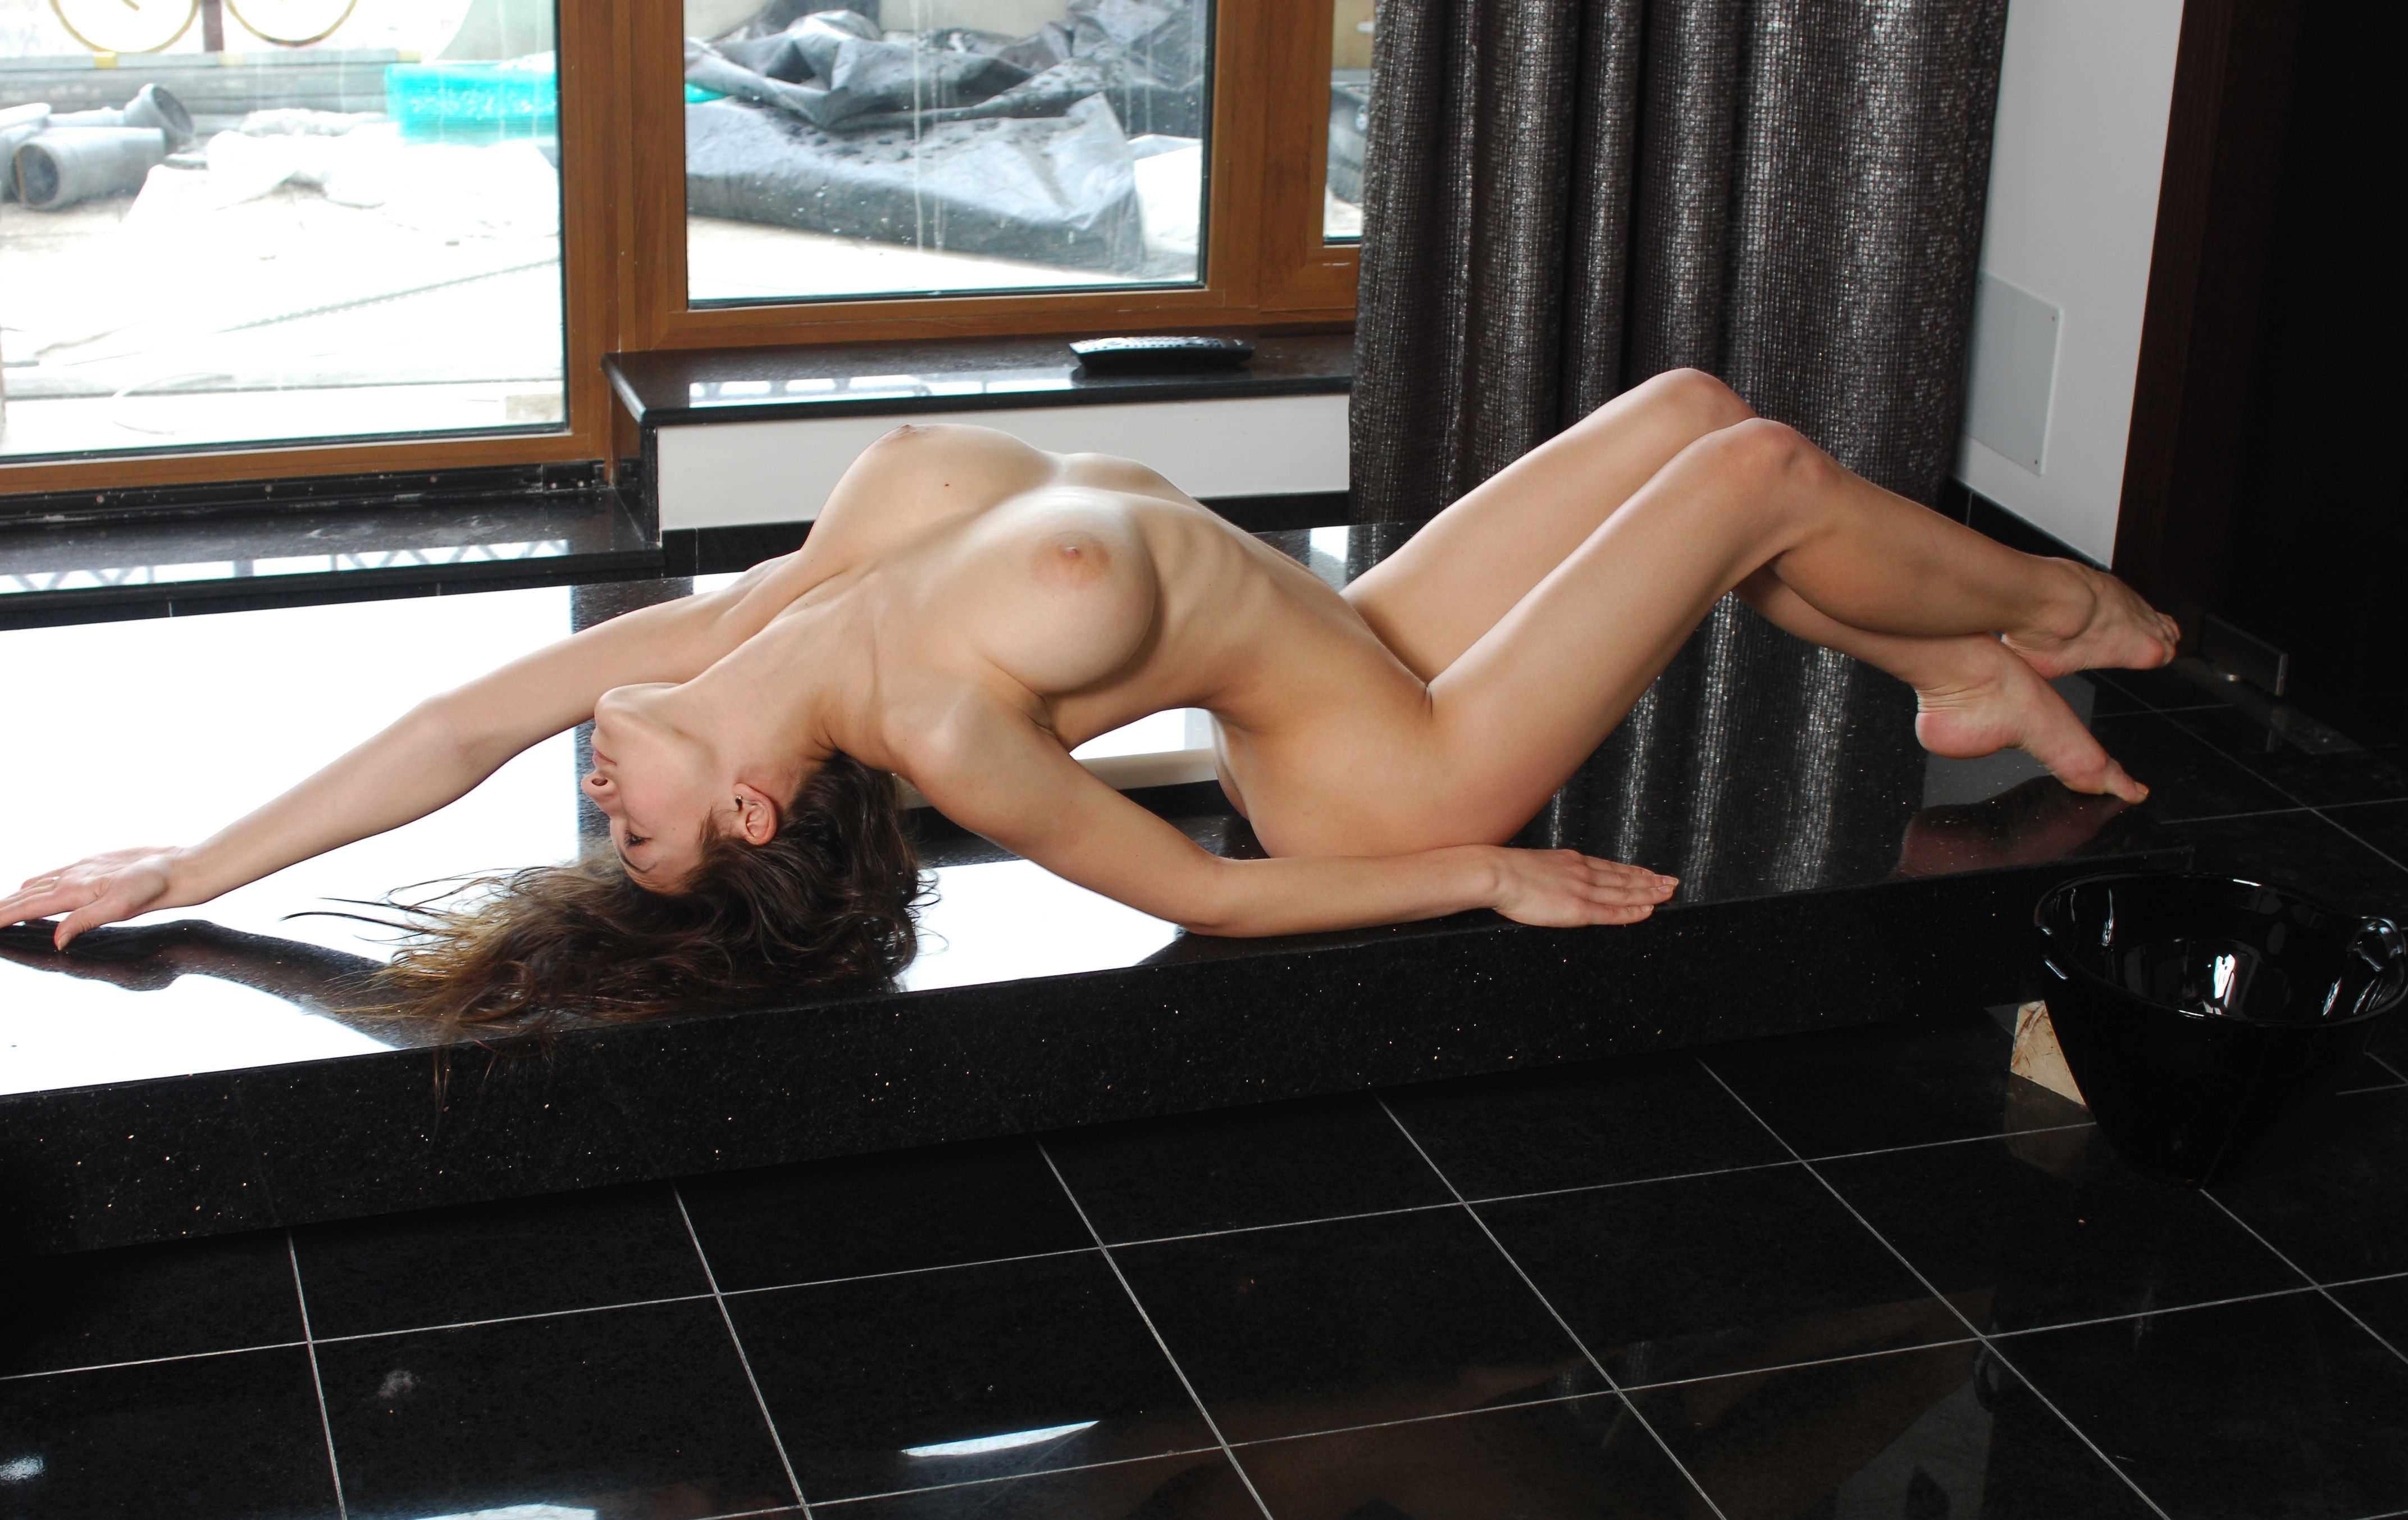 Фото Обнаженная девушка грациозно разлеглась на столе, сексуальное тело, большие красивые сиськи, скачать картинку бесплатно